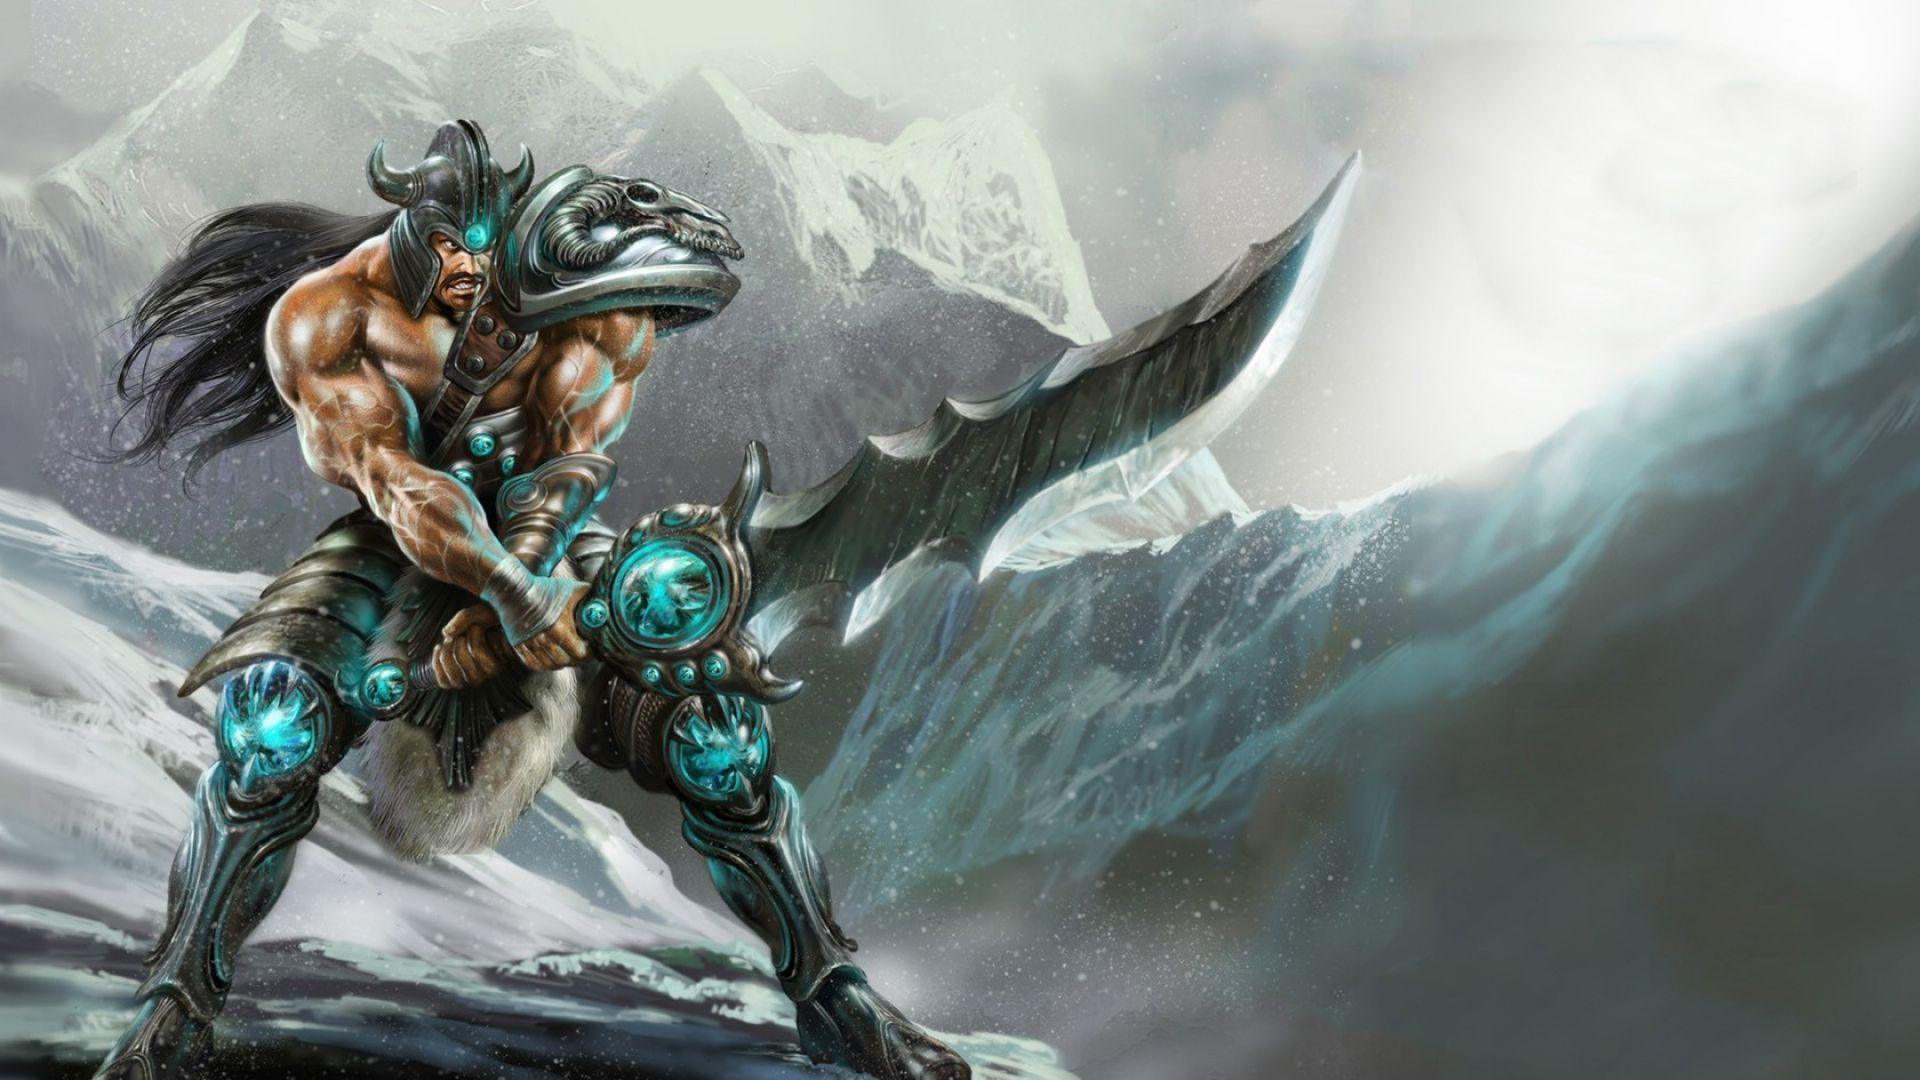 League Of Legends Tryndamere Game Wallpaper | Art | League